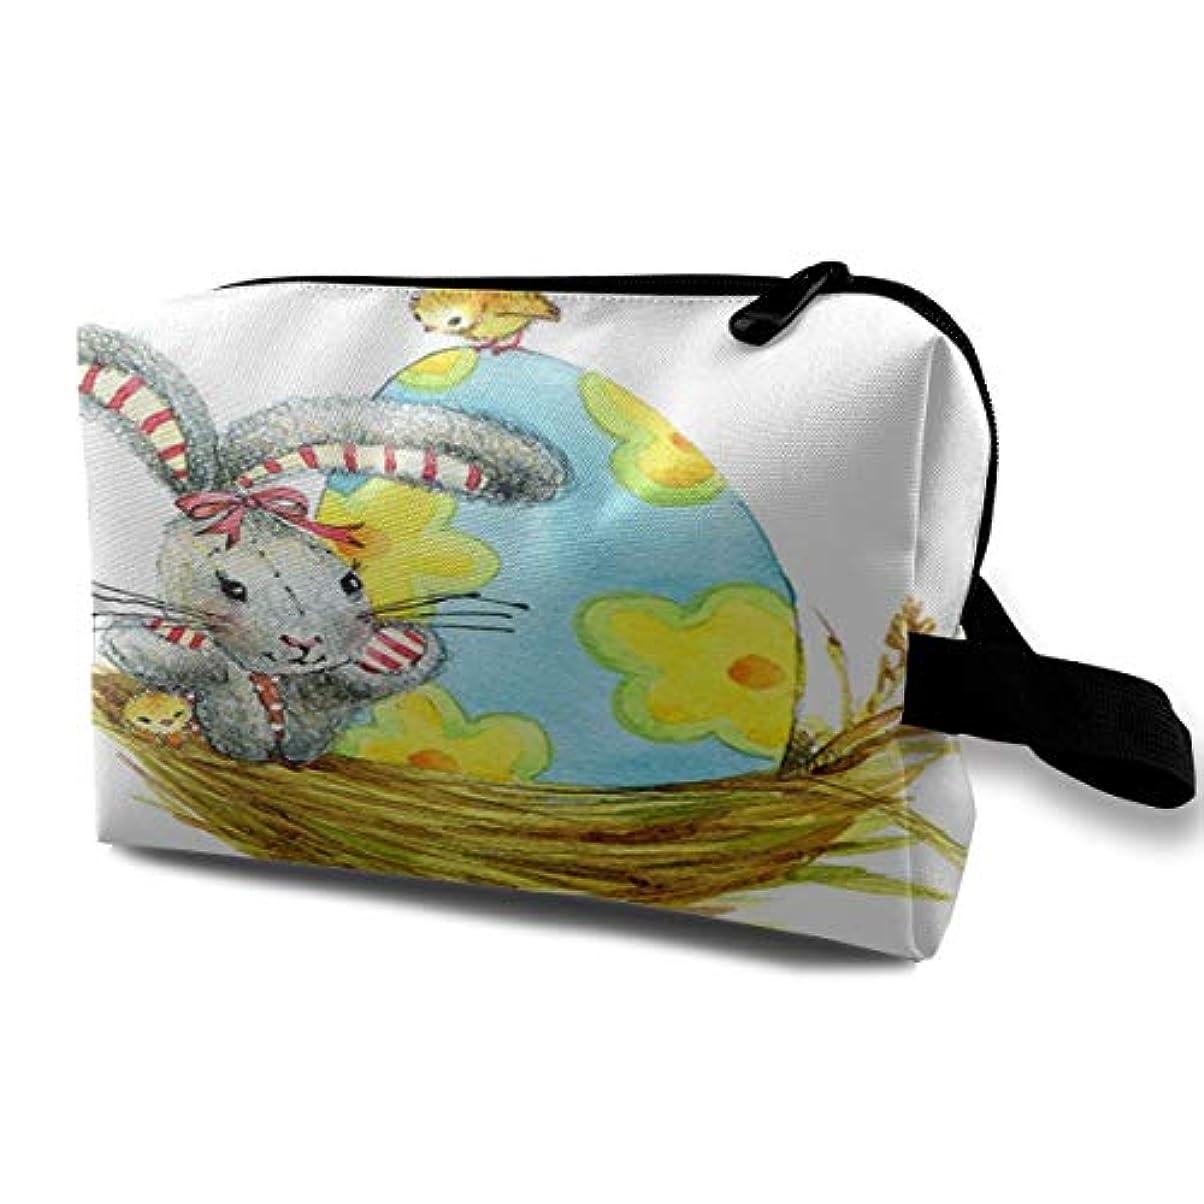 苦痛気まぐれな形状Easter Oil Painting Smile Bunny Color Egg And Butterflies 収納ポーチ 化粧ポーチ 大容量 軽量 耐久性 ハンドル付持ち運び便利。入れ 自宅?出張?旅行?アウトドア撮影などに対応。メンズ レディース トラベルグッズ